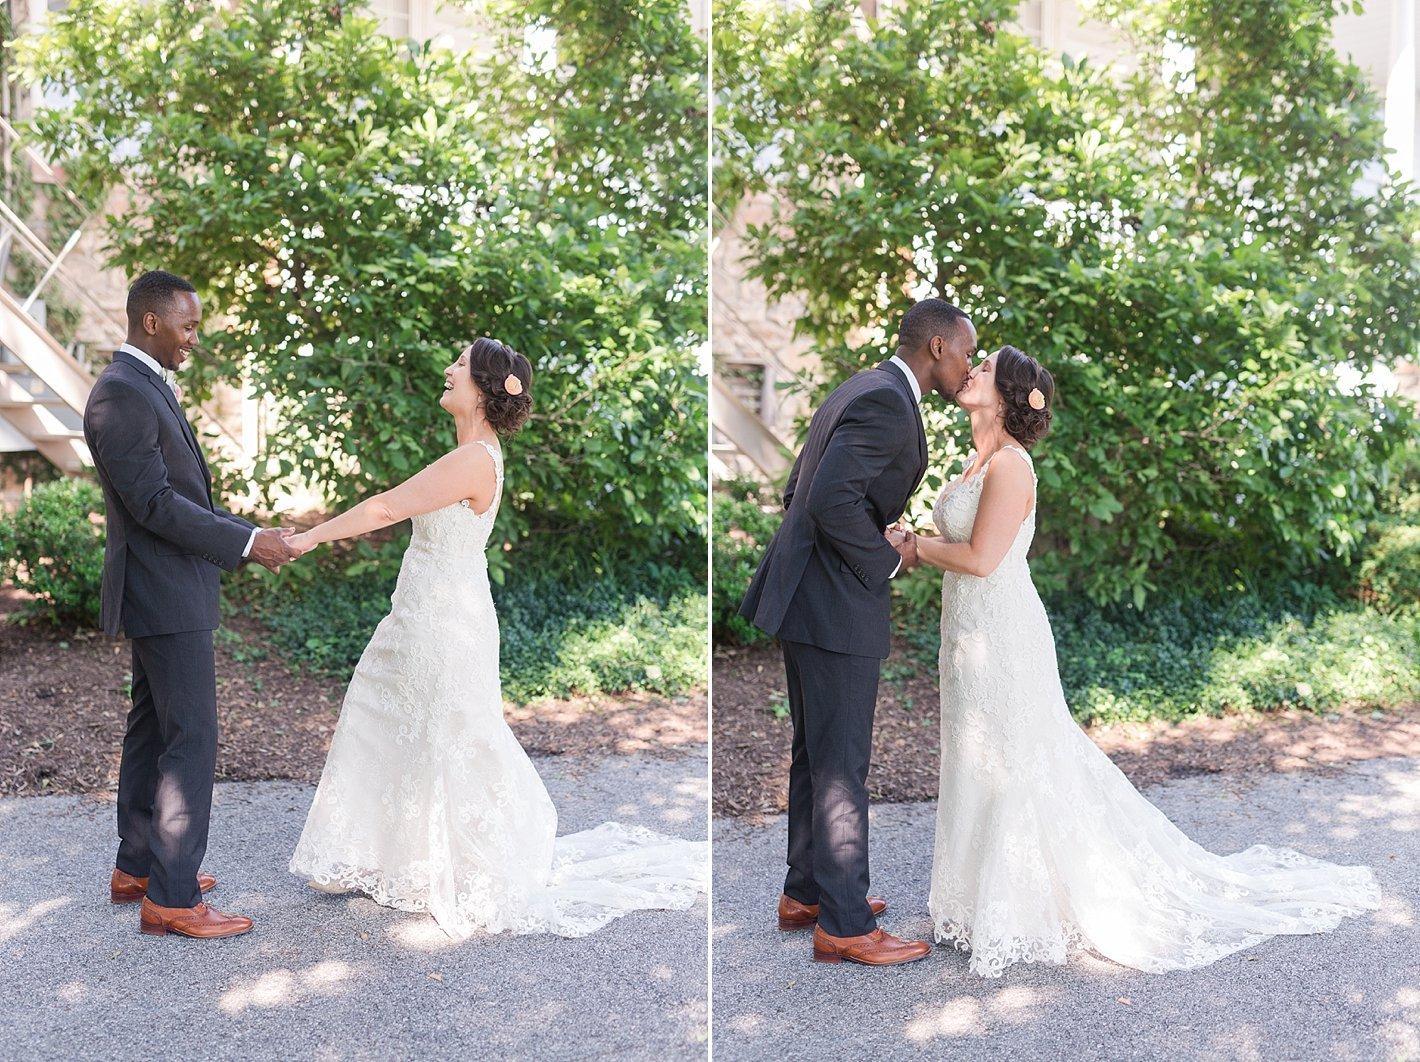 historichebronhousewedding_baltimoreweddingphotographer_howardcountyweddingphotographer-34